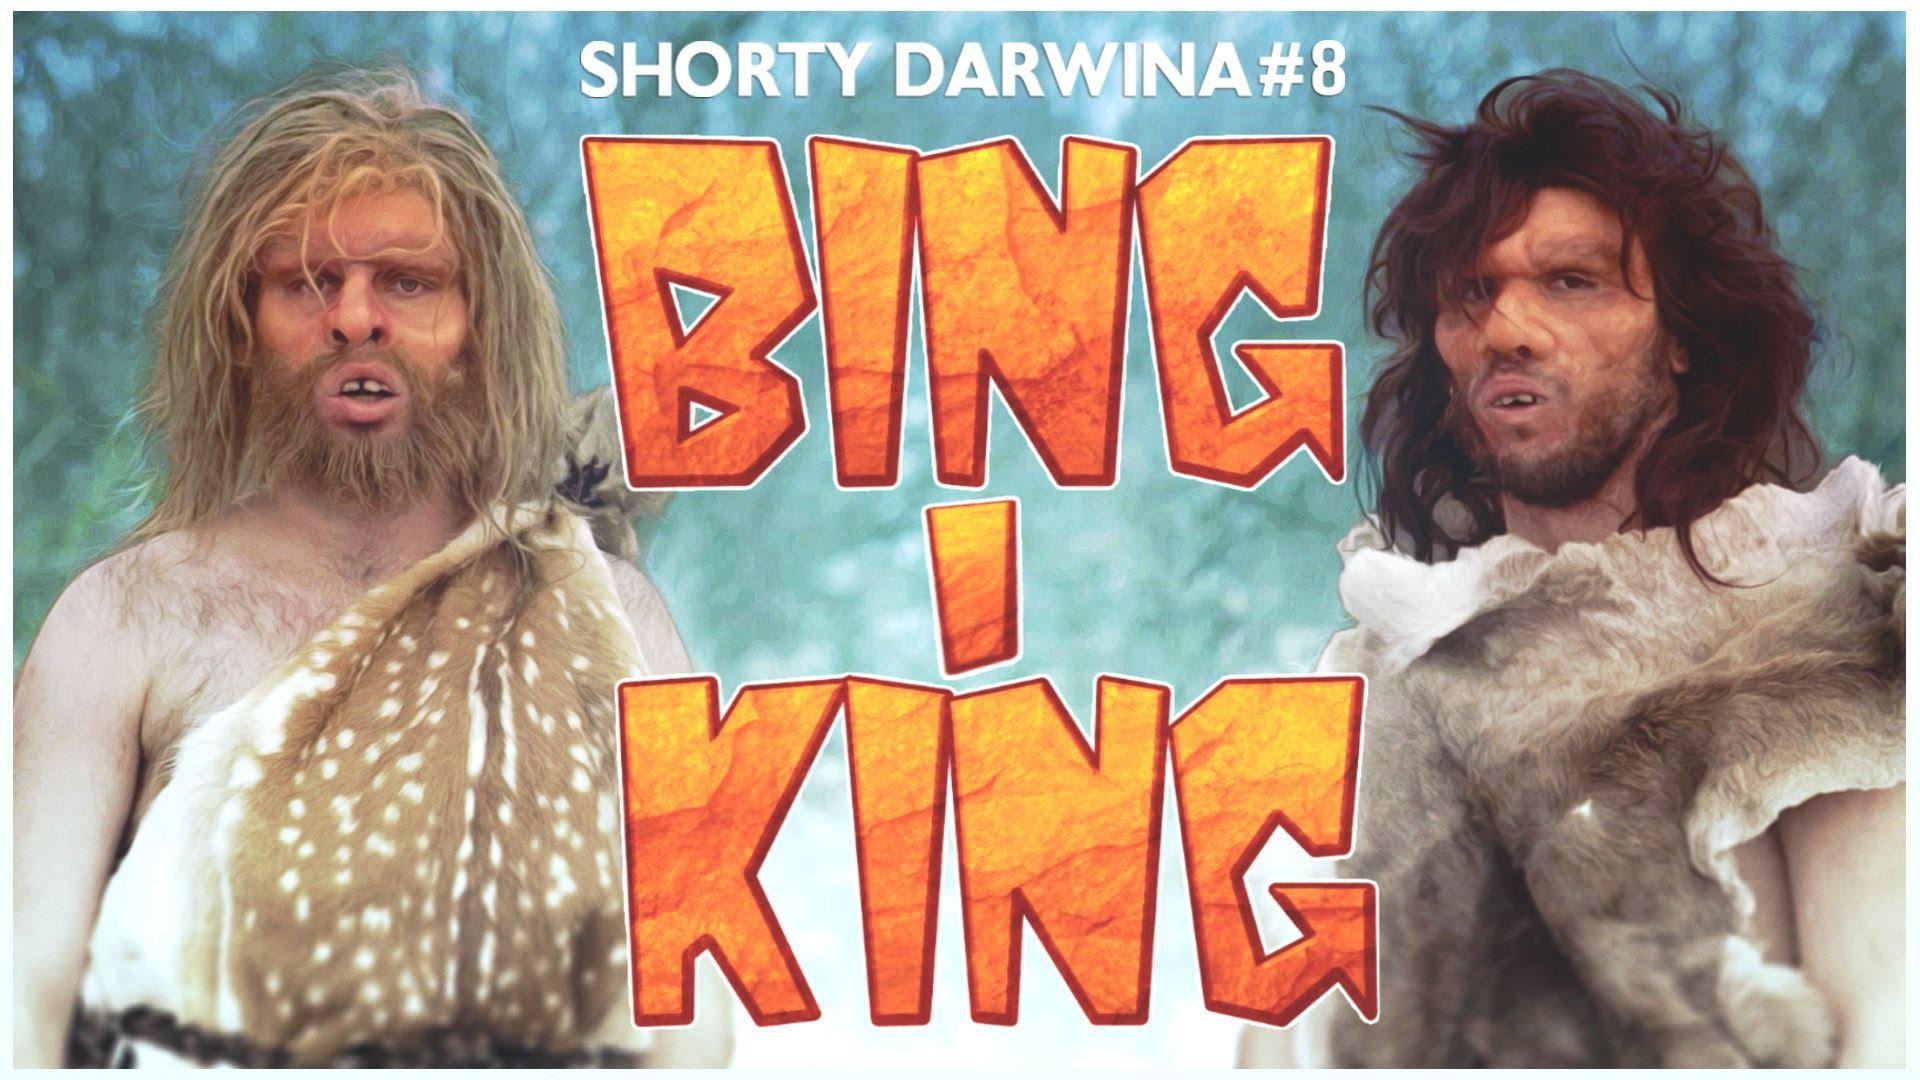 Bing i King